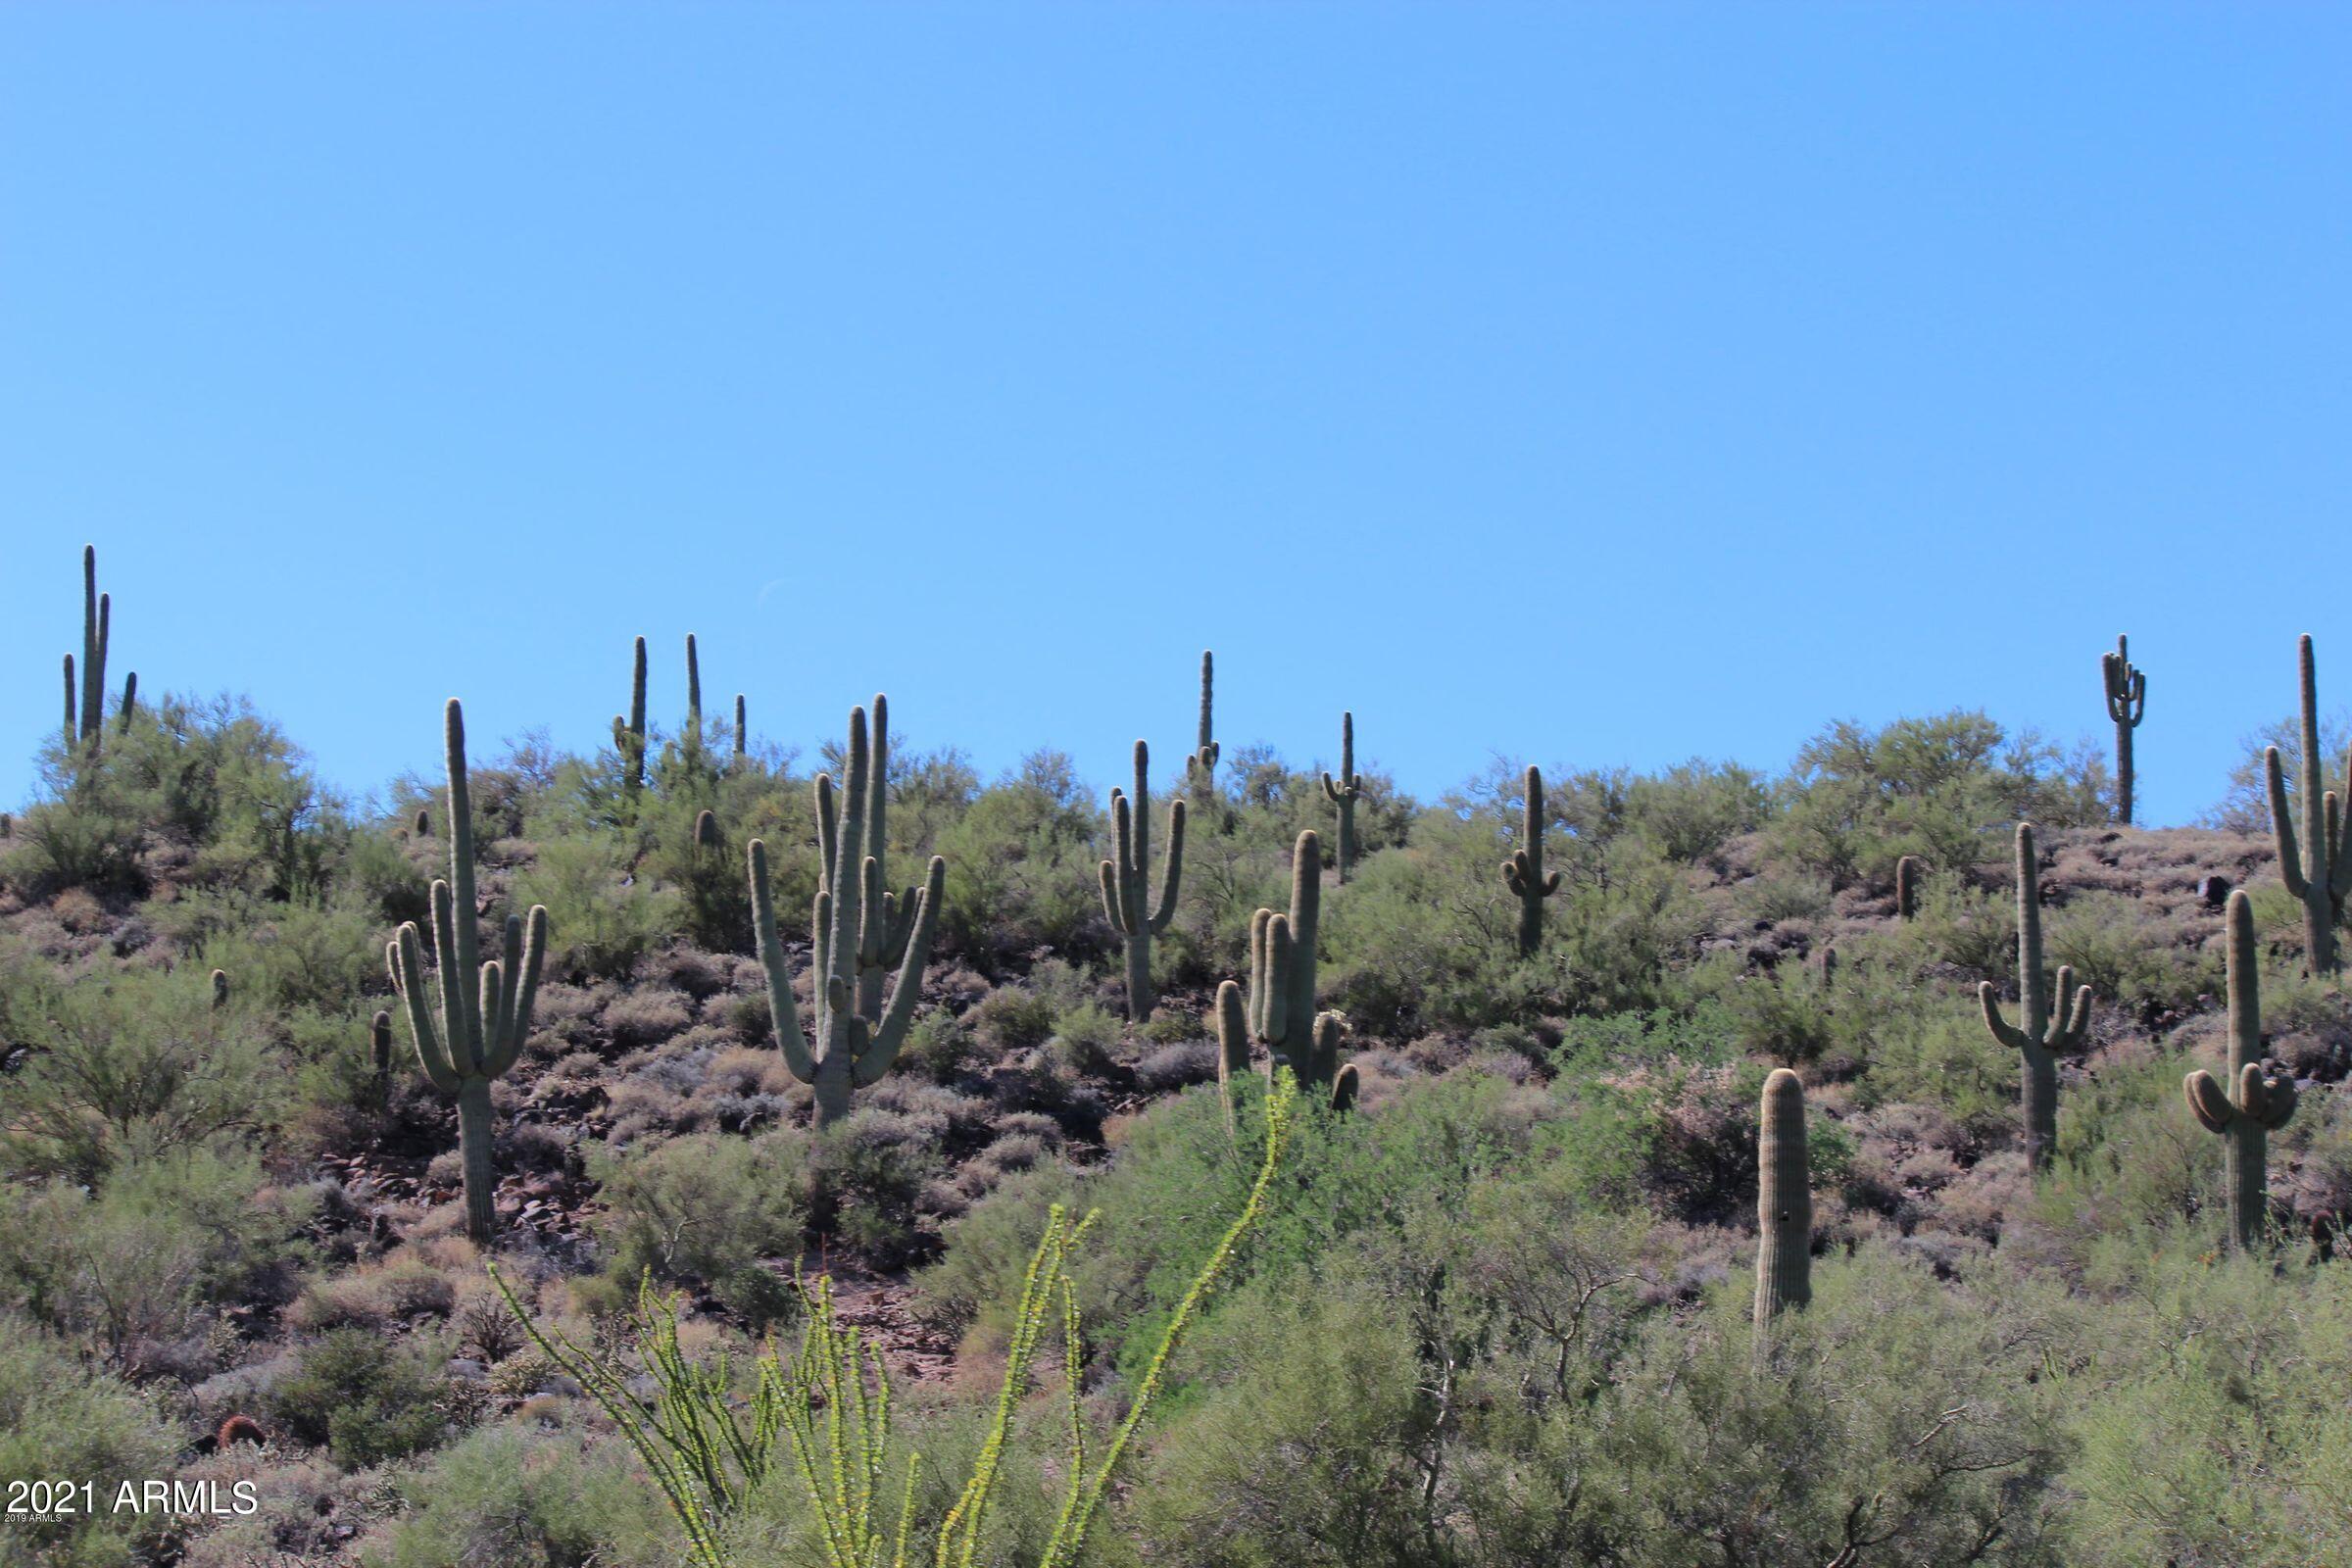 Natural desert